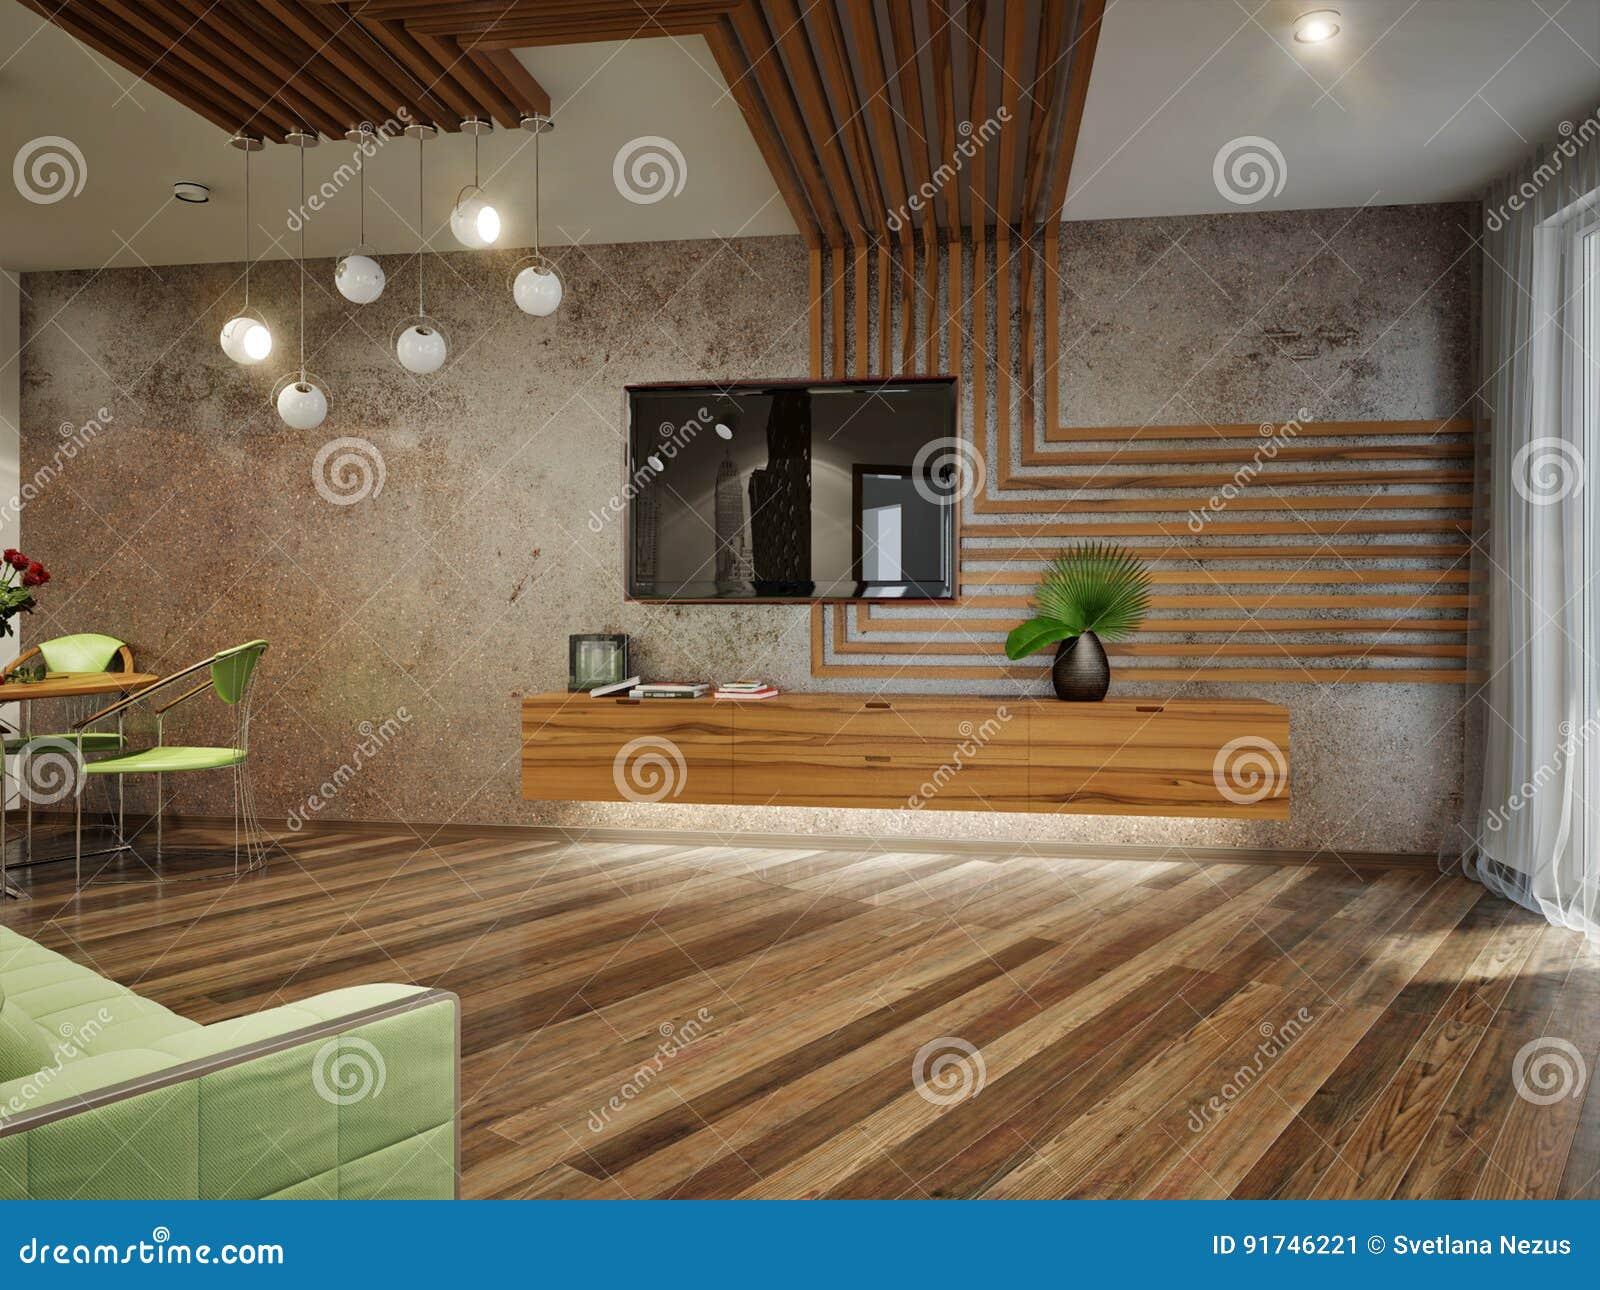 Modernes Städtisches Zeitgenössisches Wohnzimmer-Innenarchitektur ...